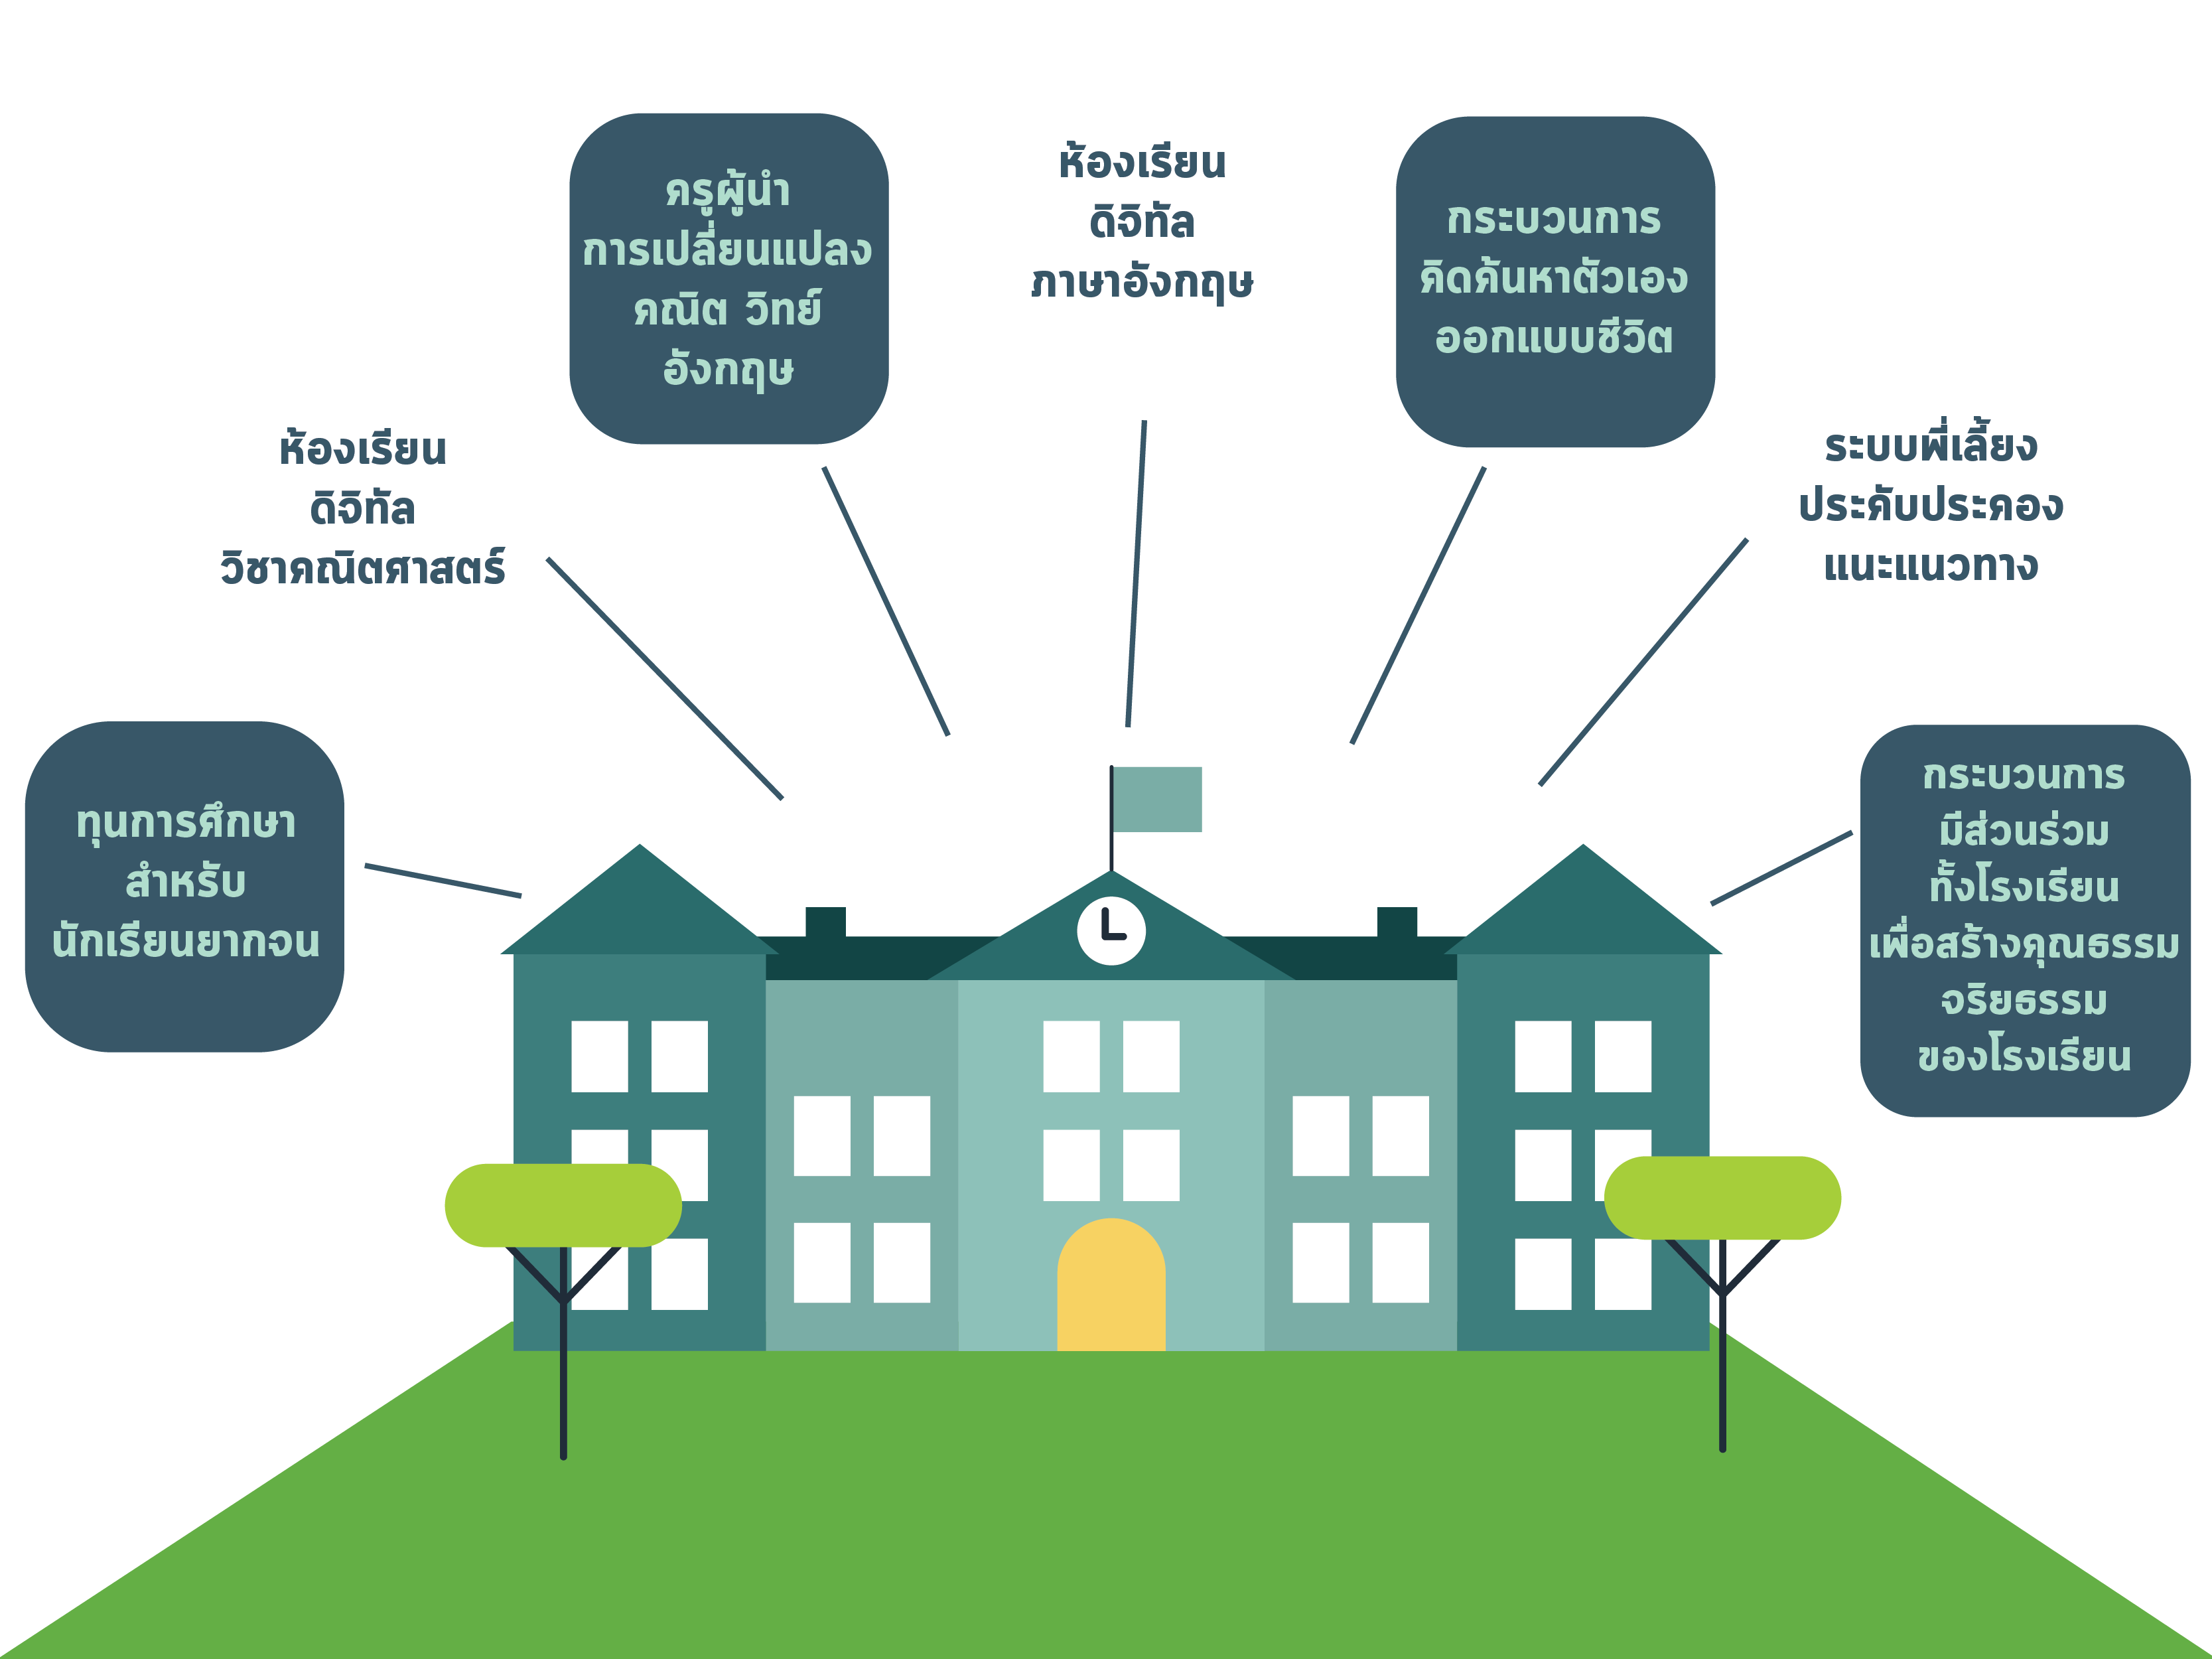 โครงการร้อยพลังการศึกษา - มูลนิธิยุวพัฒน์